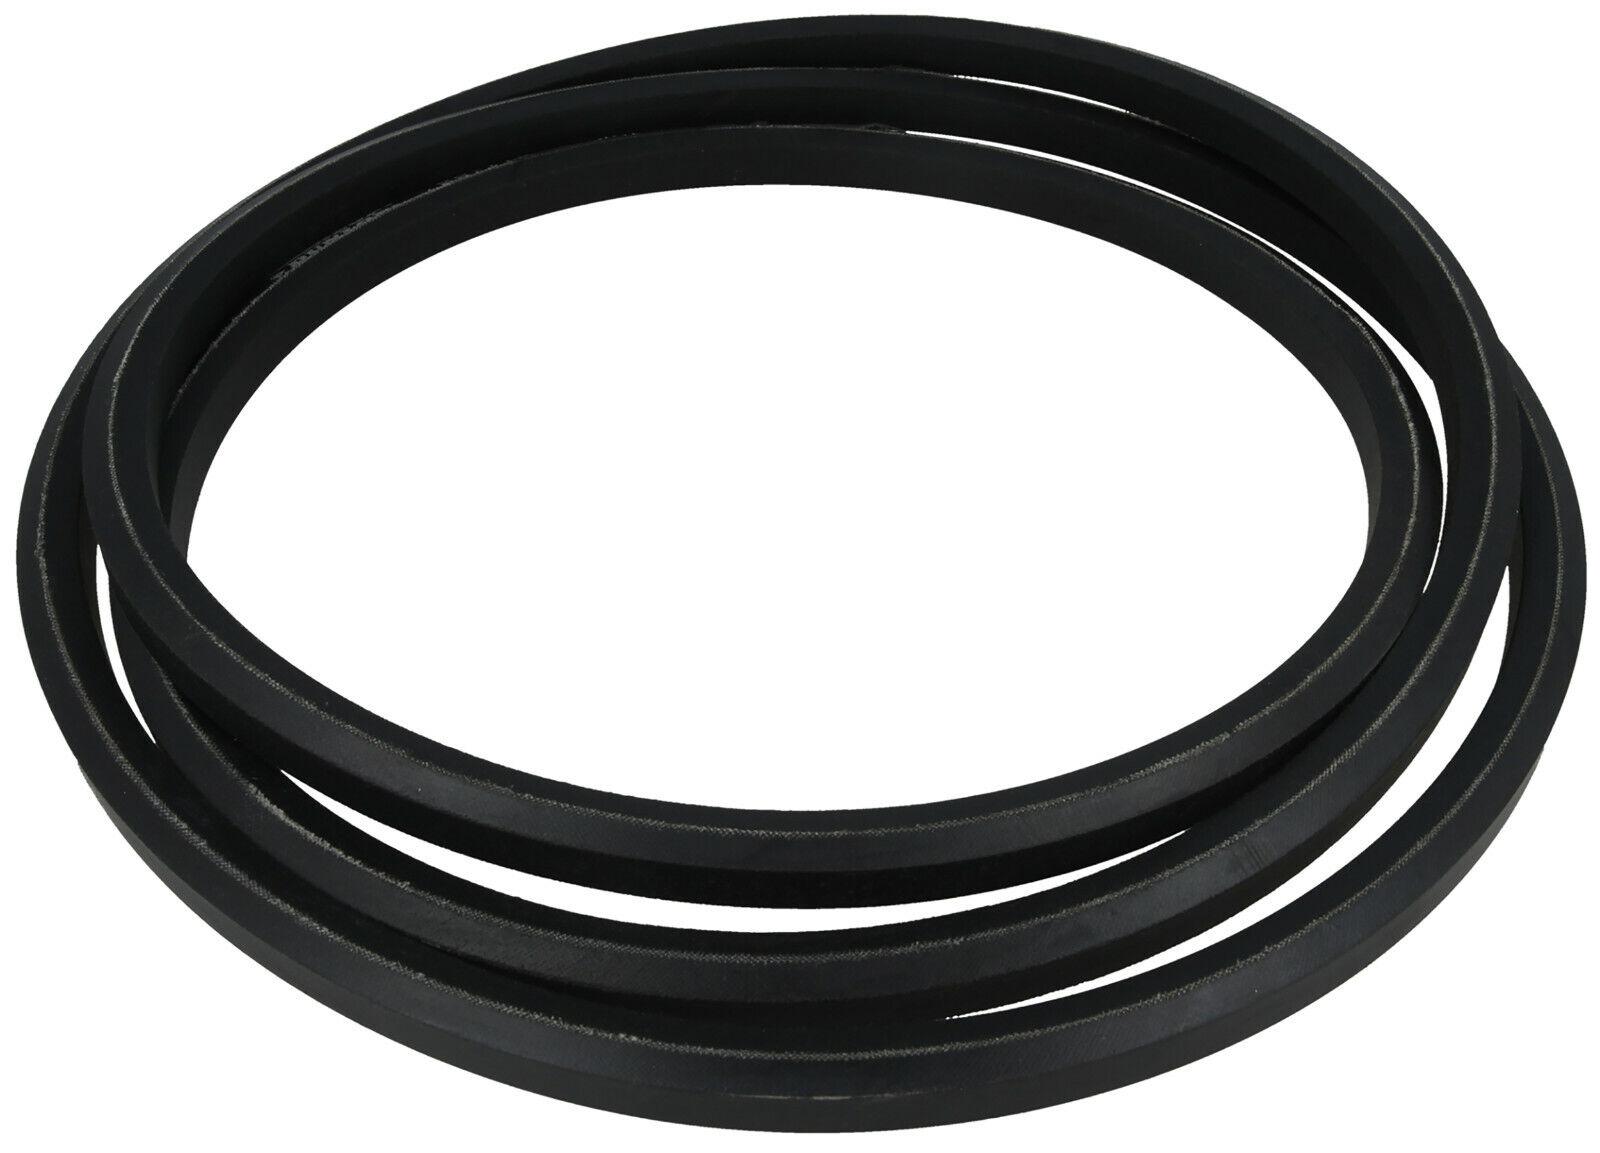 50  cubierta del huso Cinturón se ajusta Countax IBS A20 50, D18 50, D20 50, K18 50 - 22950200